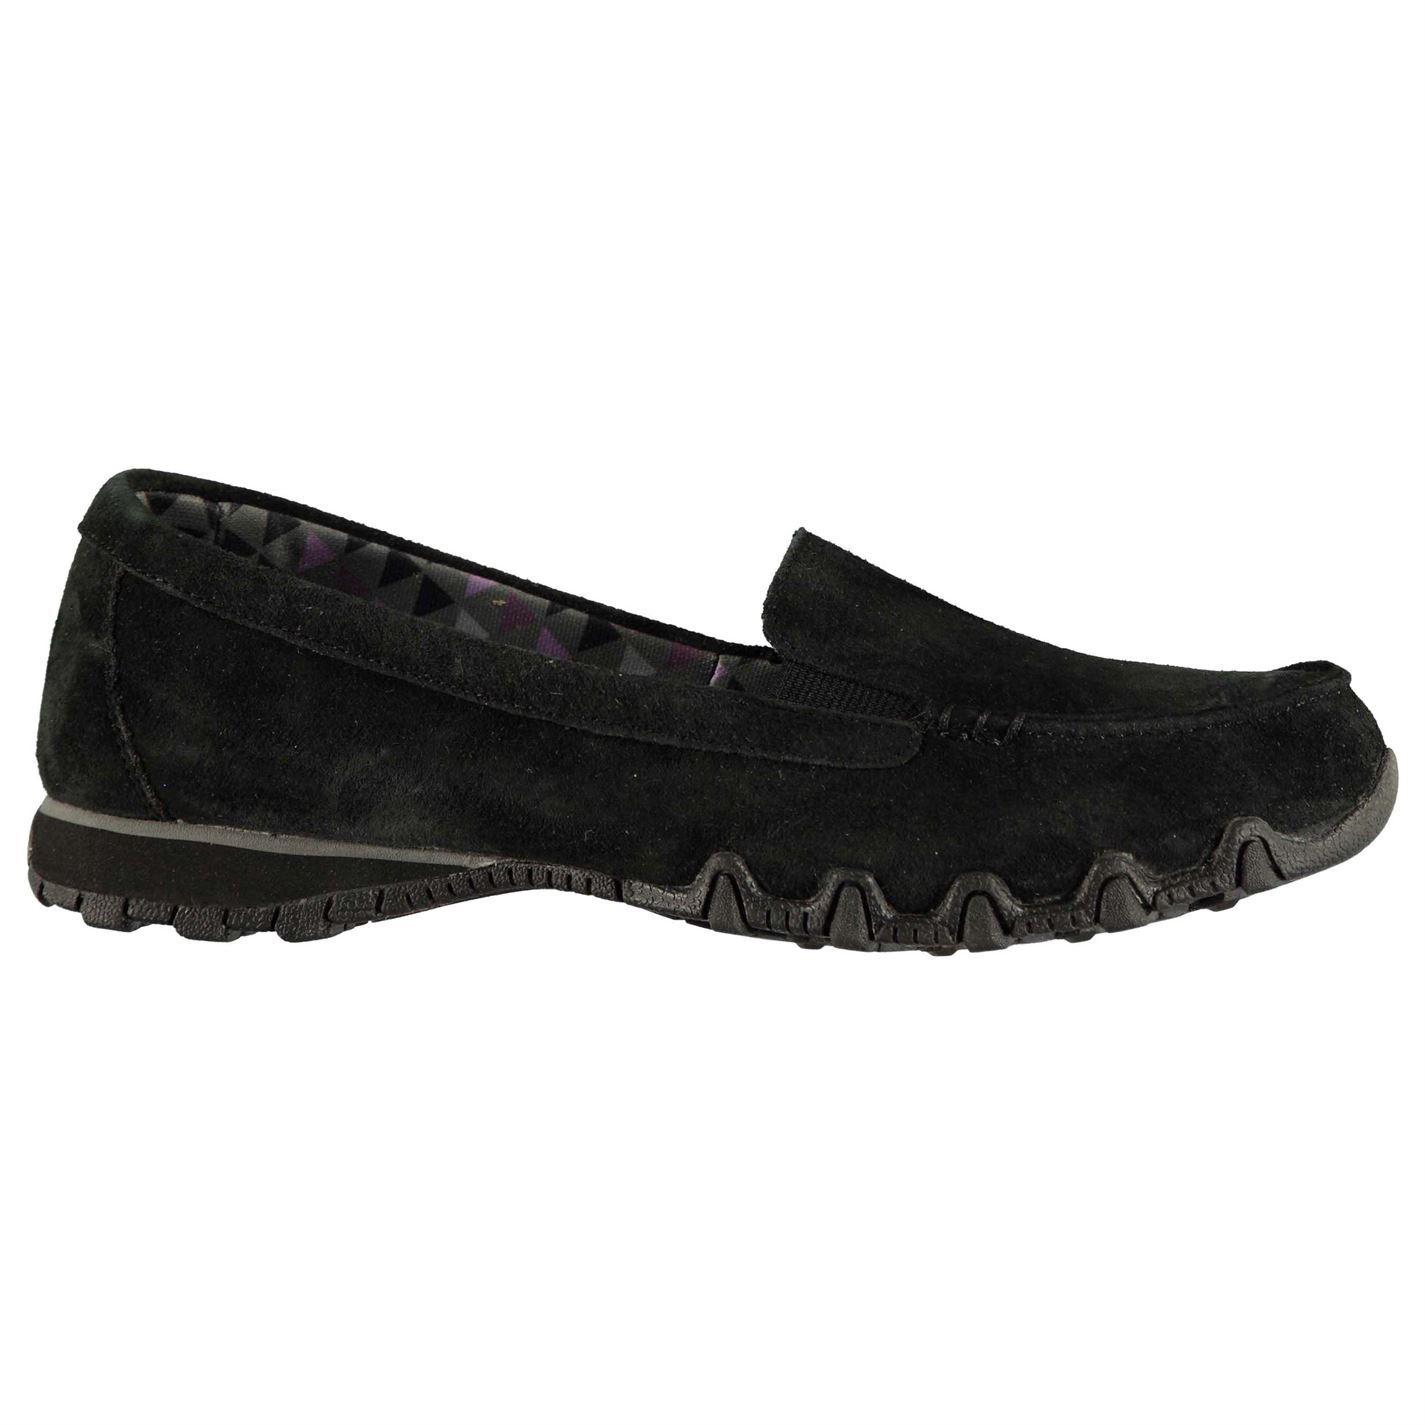 Men's Clothing Skechers Biker Roam Suede Loafers Slip On Shoes Womens Footwear